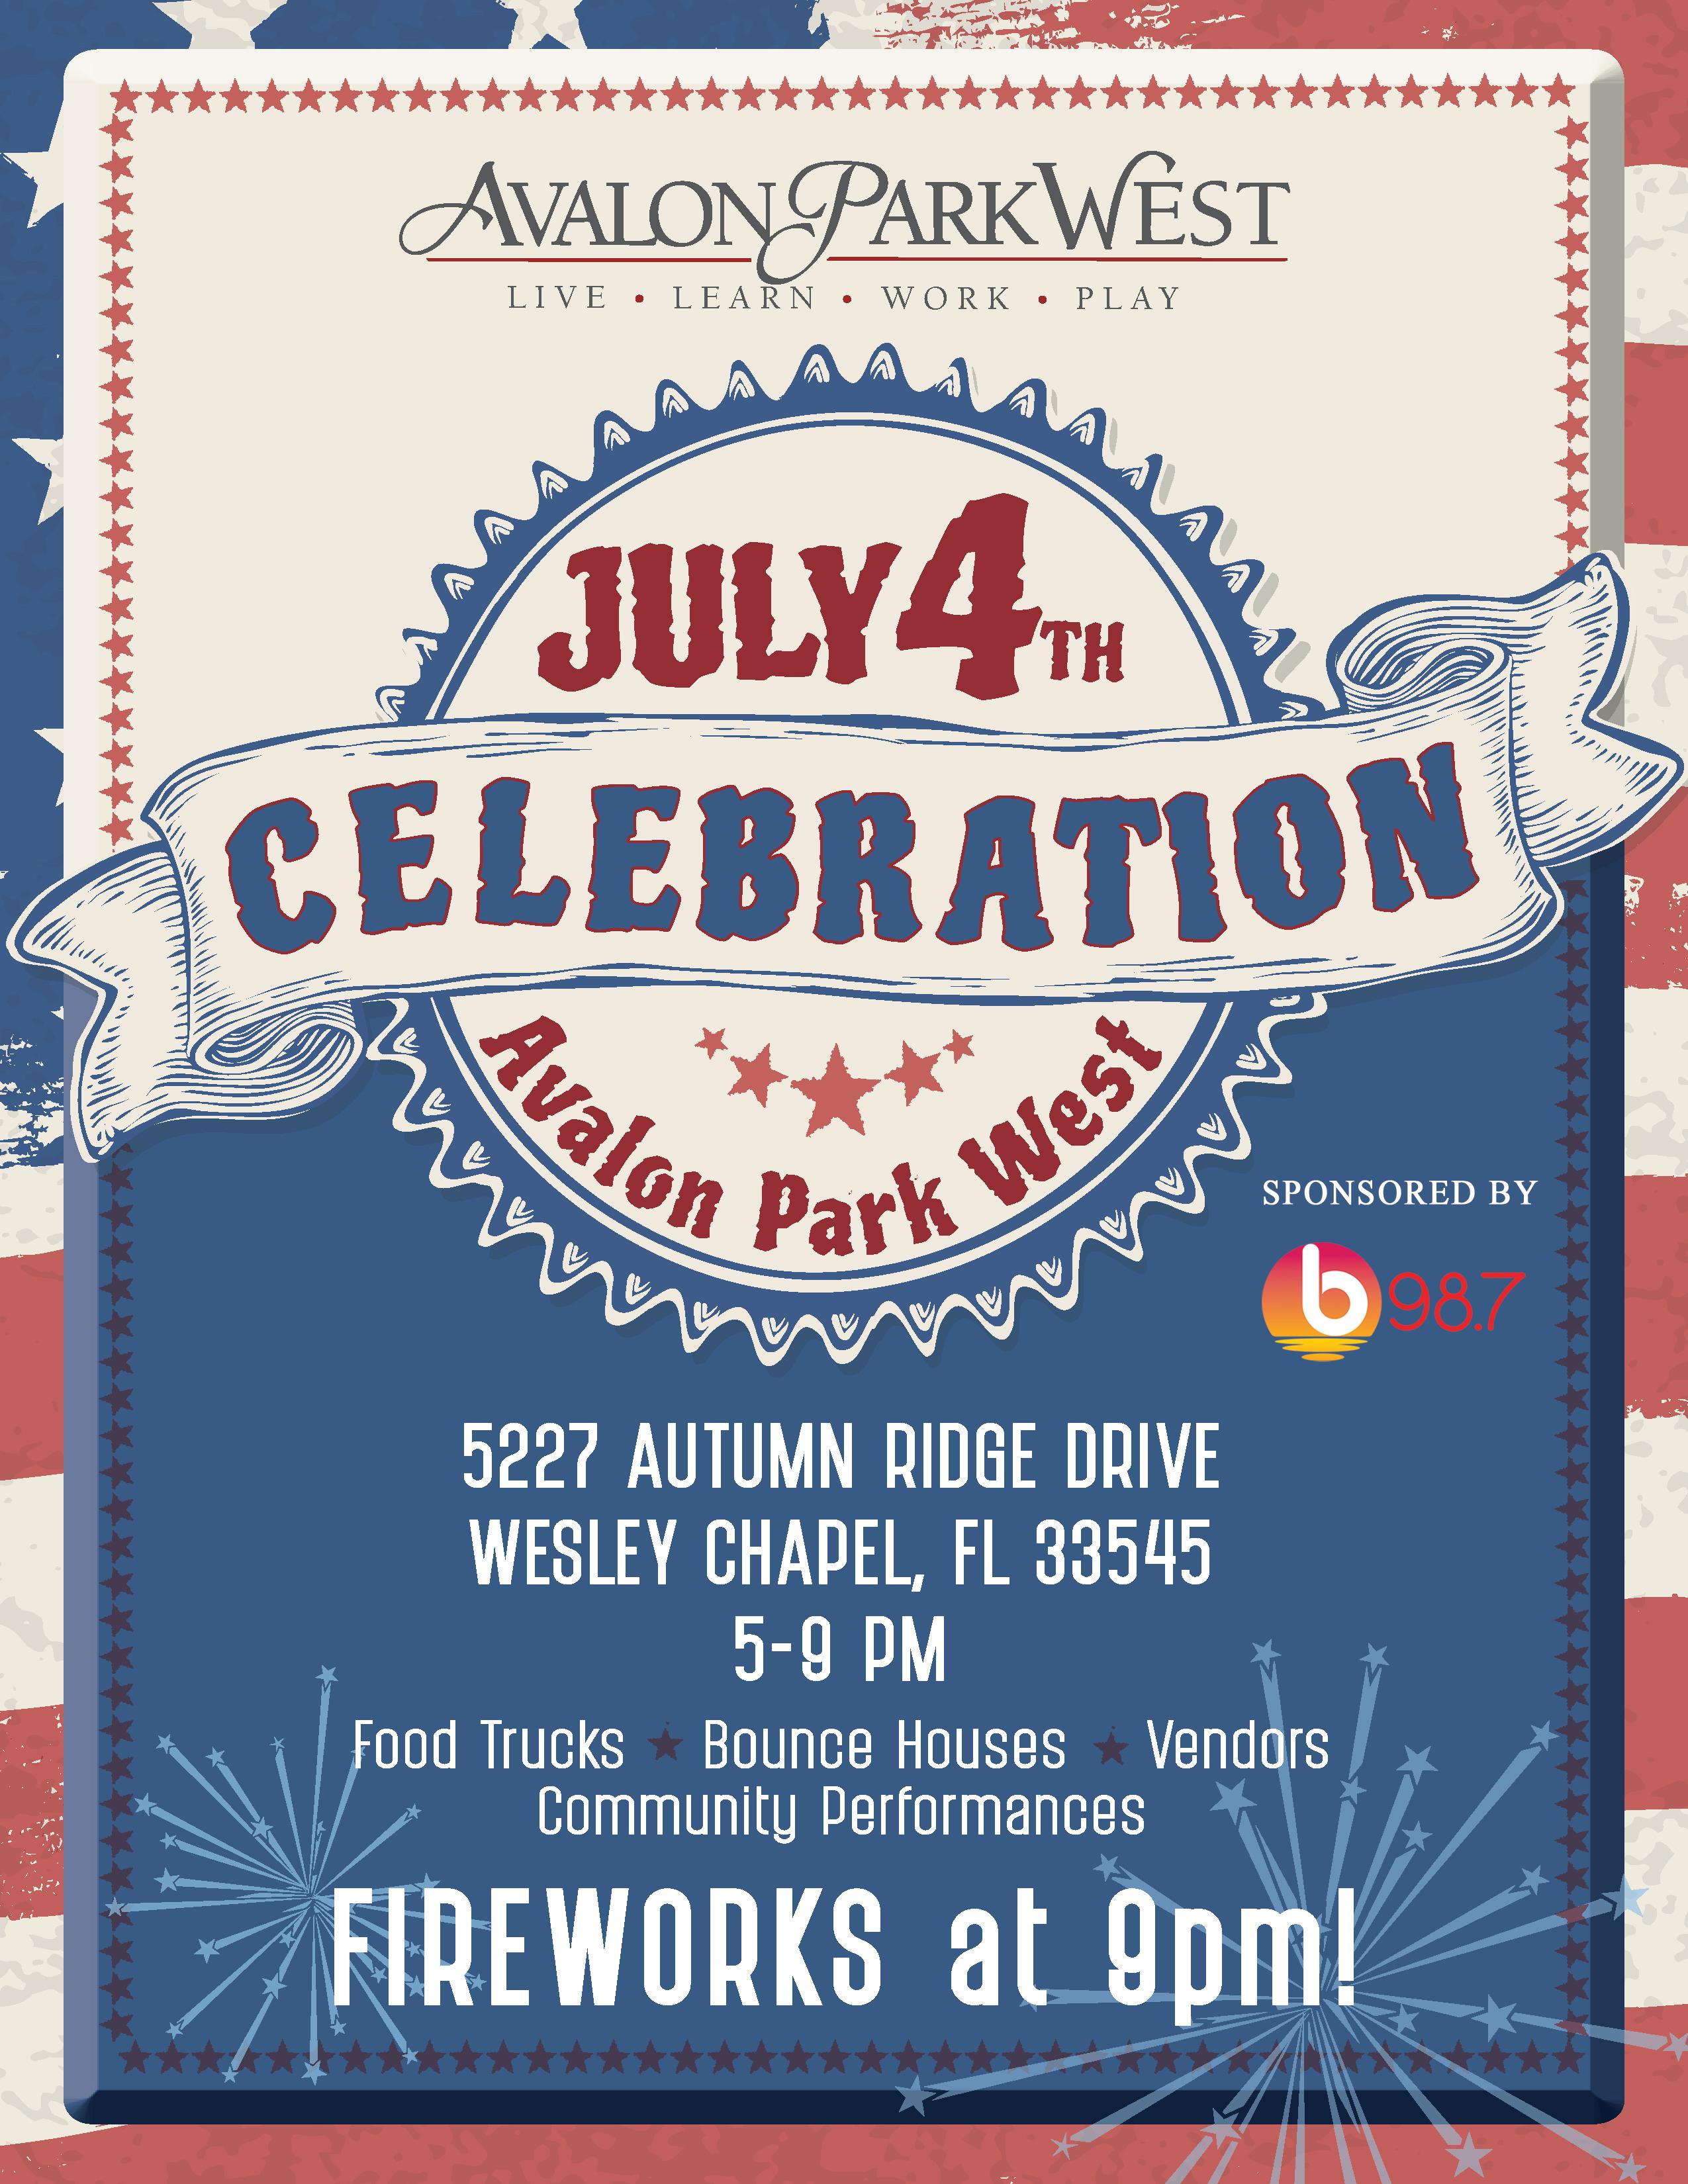 July 4th Celebration at Avalon West